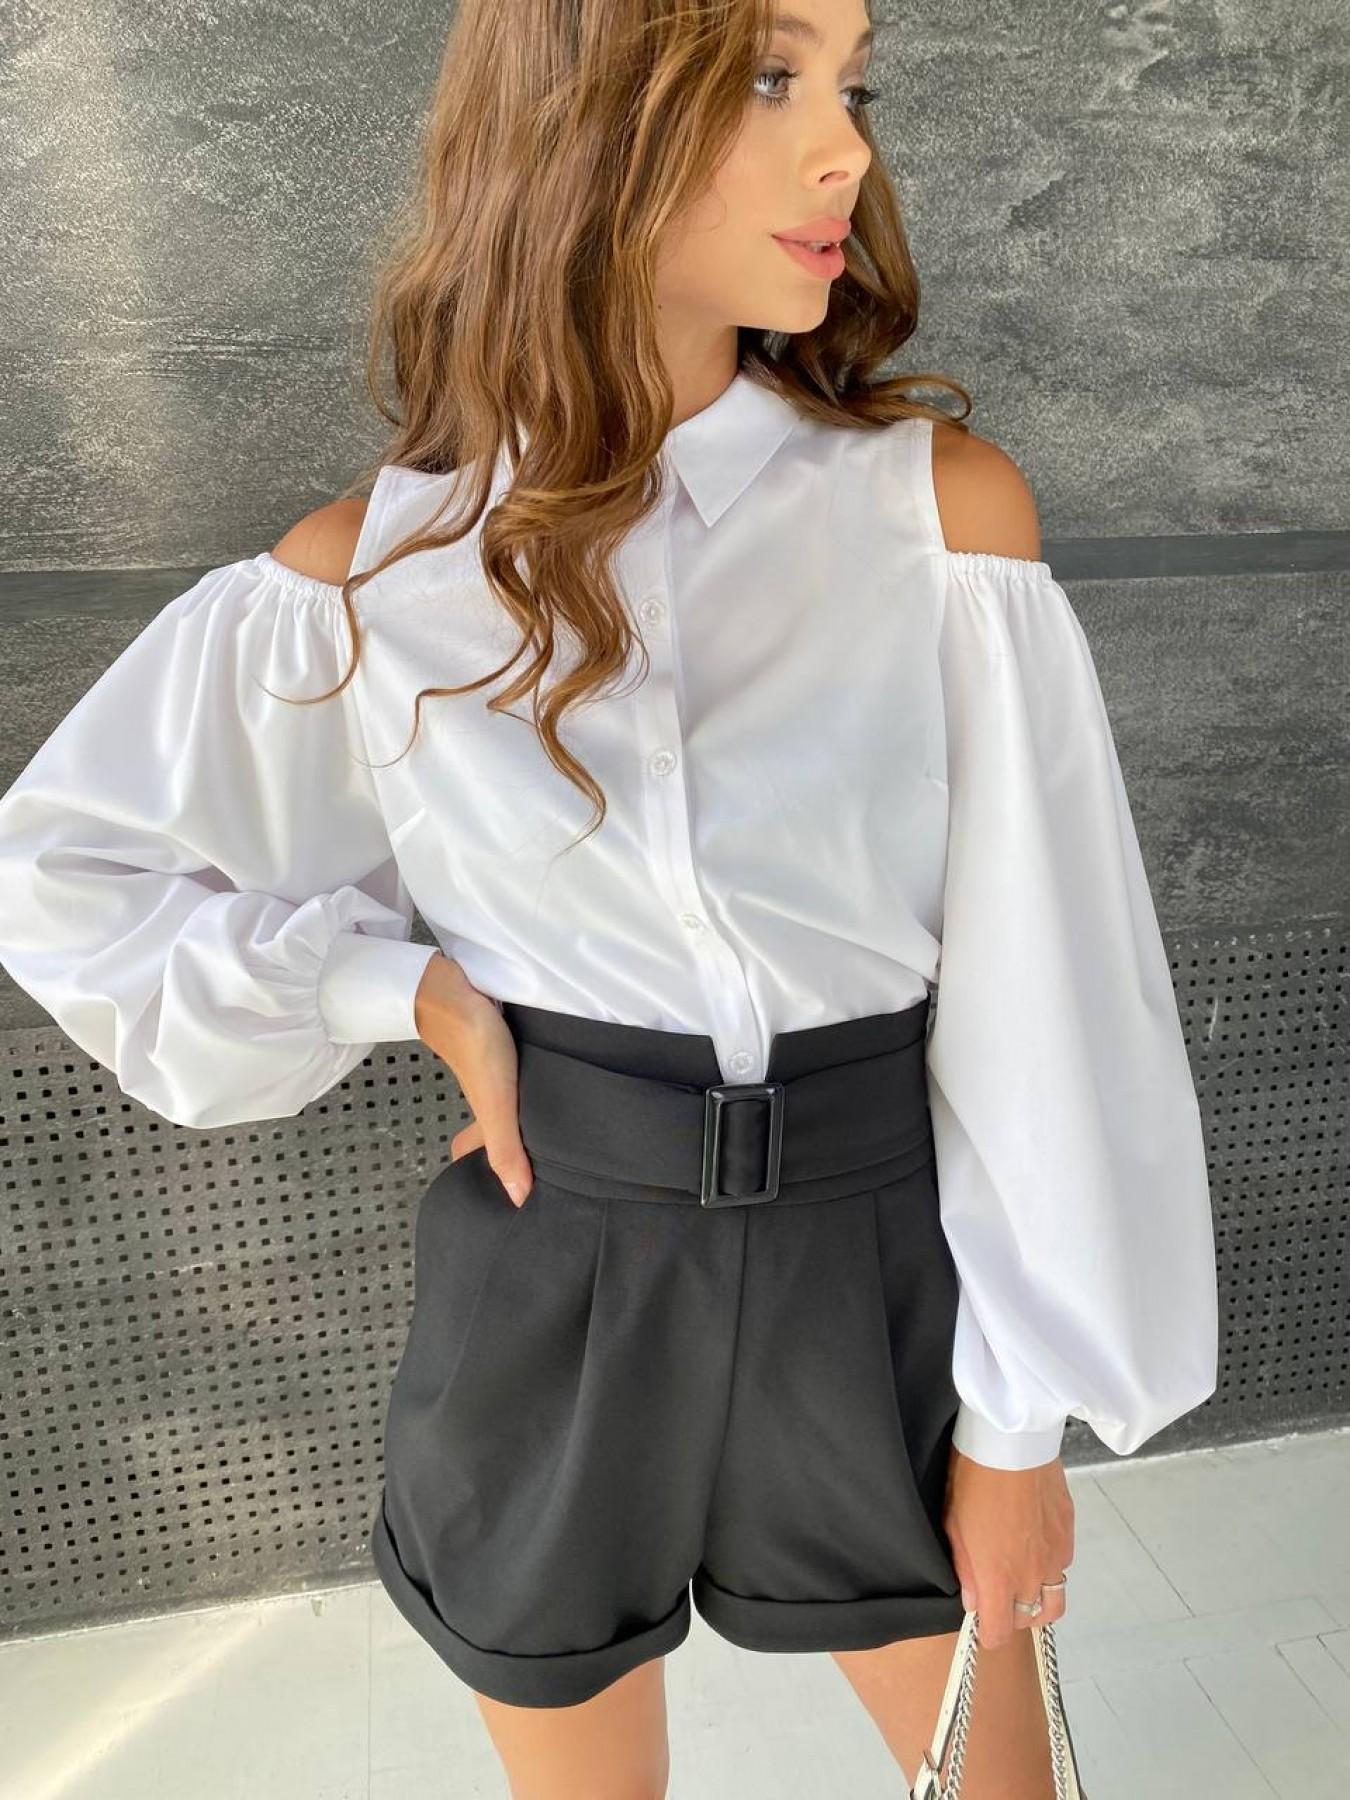 Бостон шорты костюмка креп стрейч 11676 АРТ. 48384 Цвет: Черный - фото 2, интернет магазин tm-modus.ru